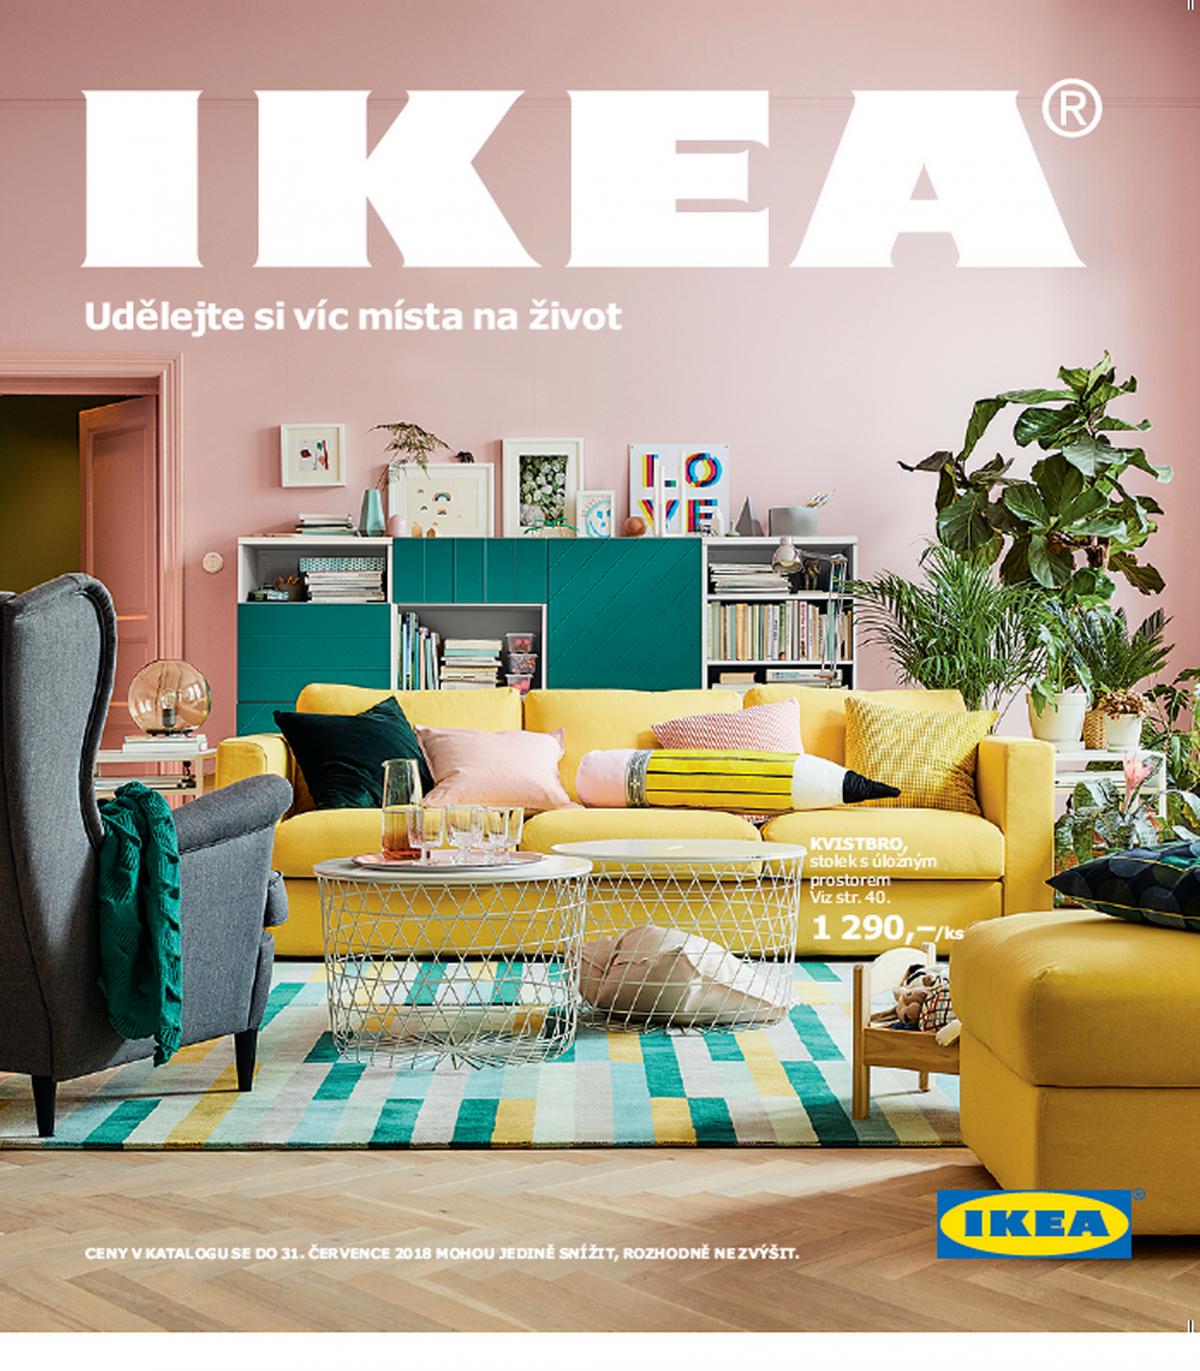 Zatím poslední vydání katalogu Ikea pro letošní rok